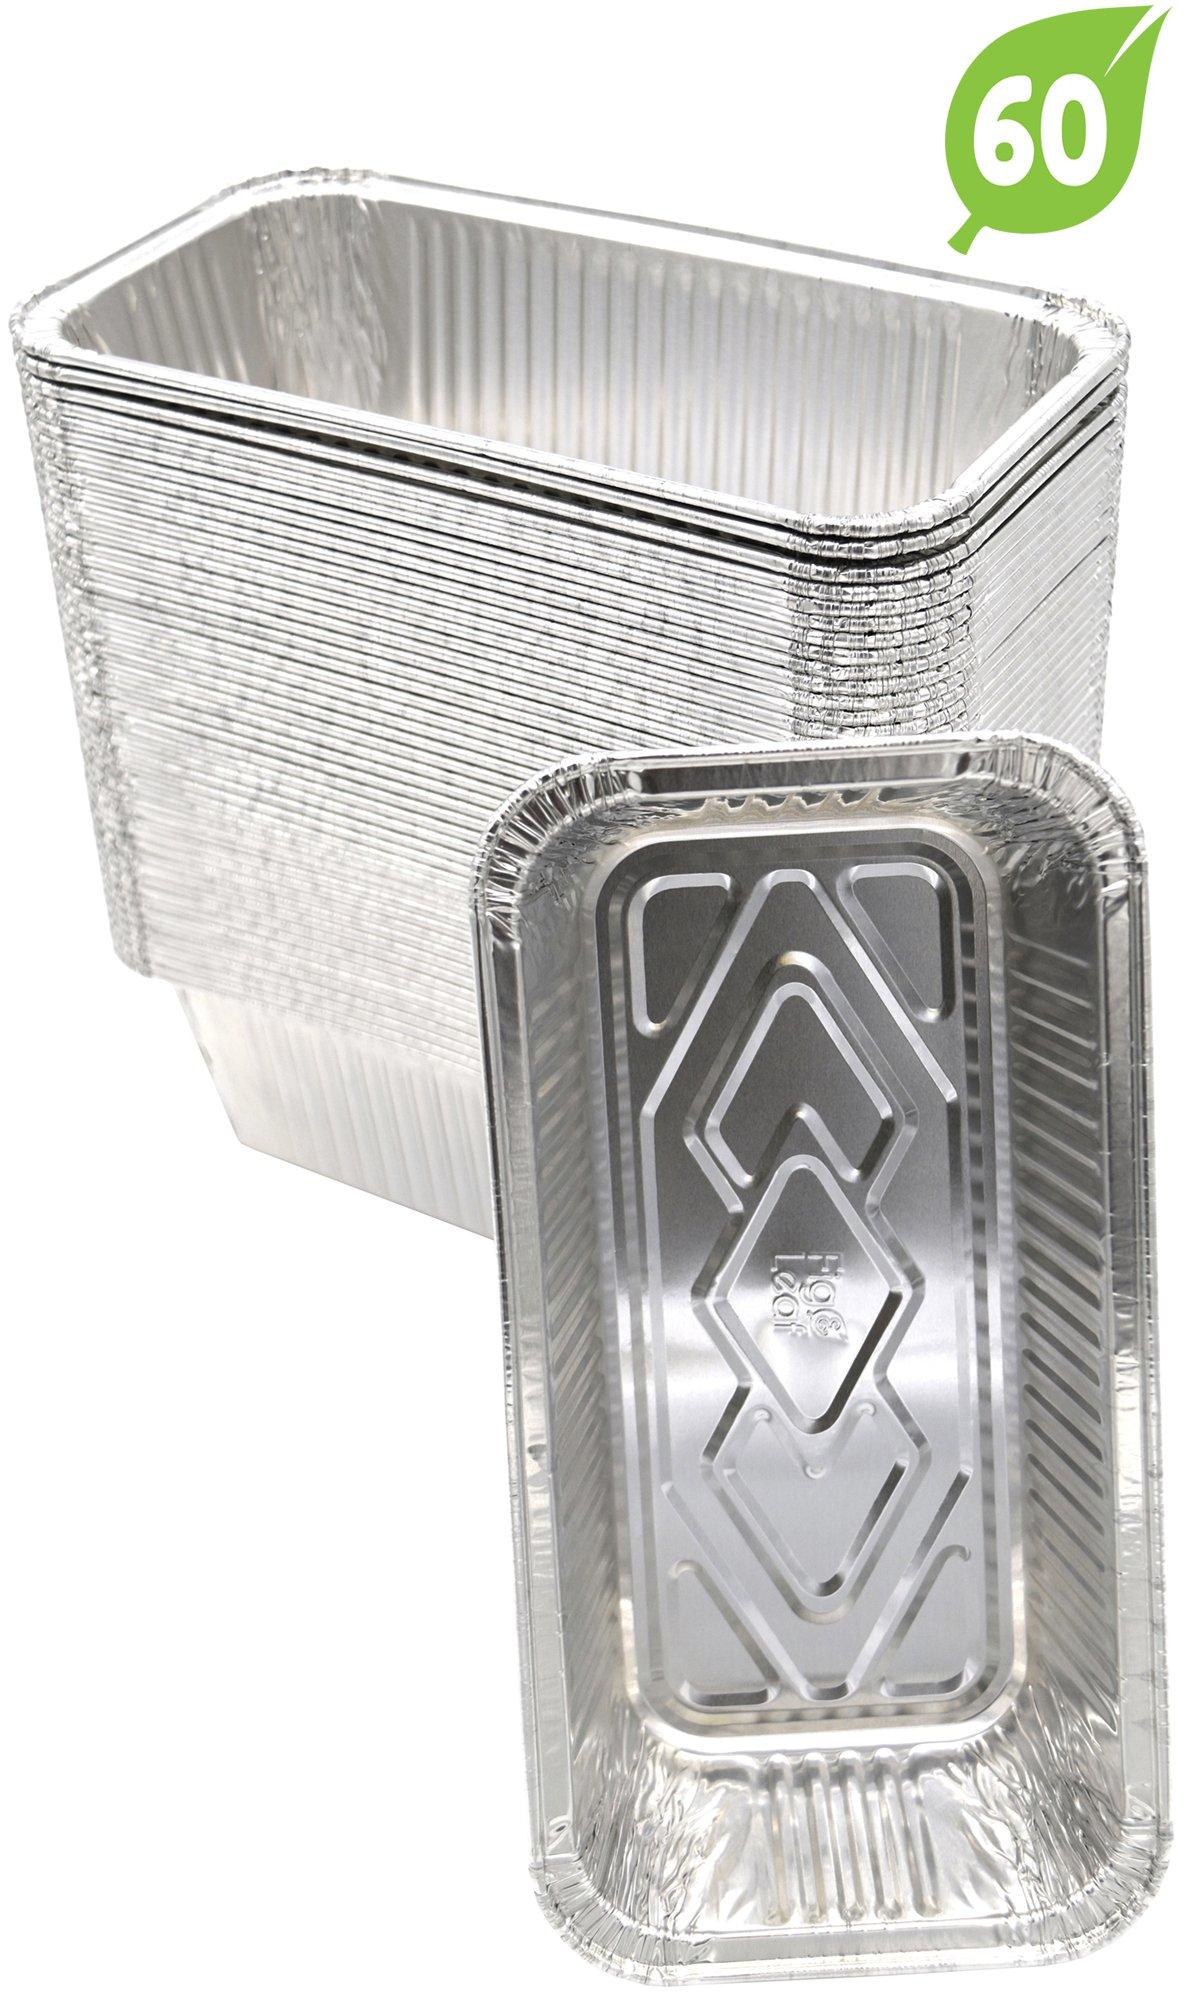 (60 Pack) Premium 2-LB Loaf Baking Pans - Standard Size 8.5'' x 4.5'' x 2.5'' l Top Baker's Choice Aluminum Foil